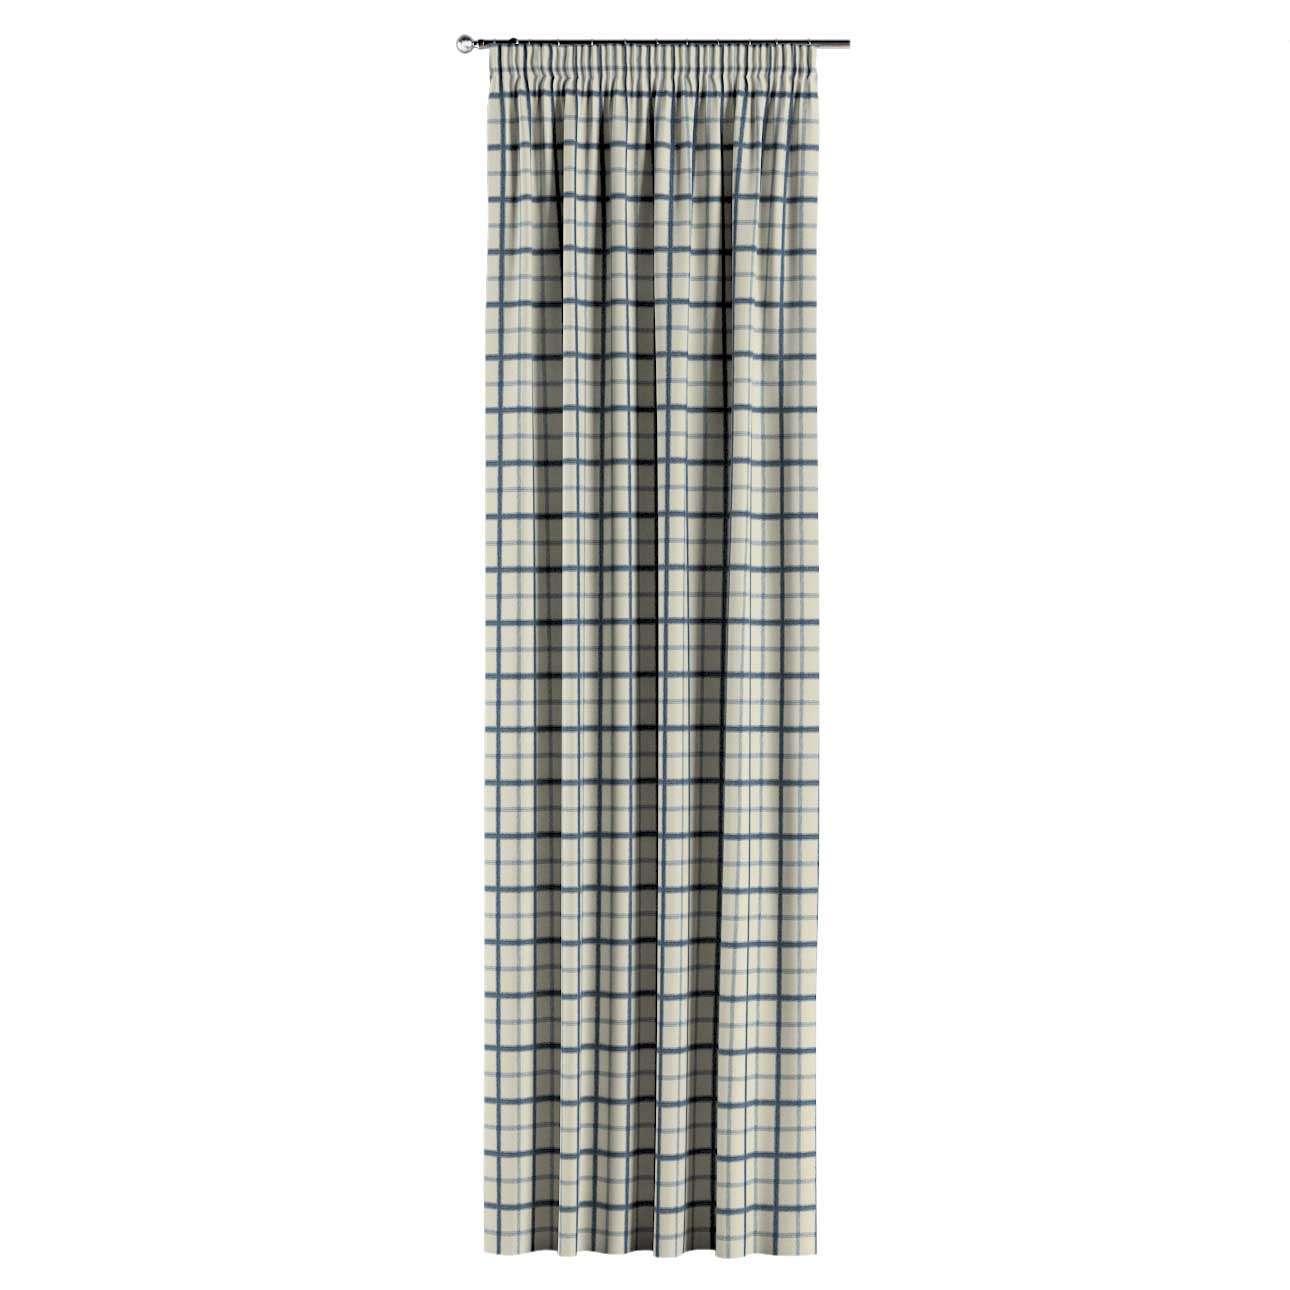 Vorhang mit Kräuselband 1 Stck. 130 x 260 cm von der Kollektion Avinon, Stoff: 131-66